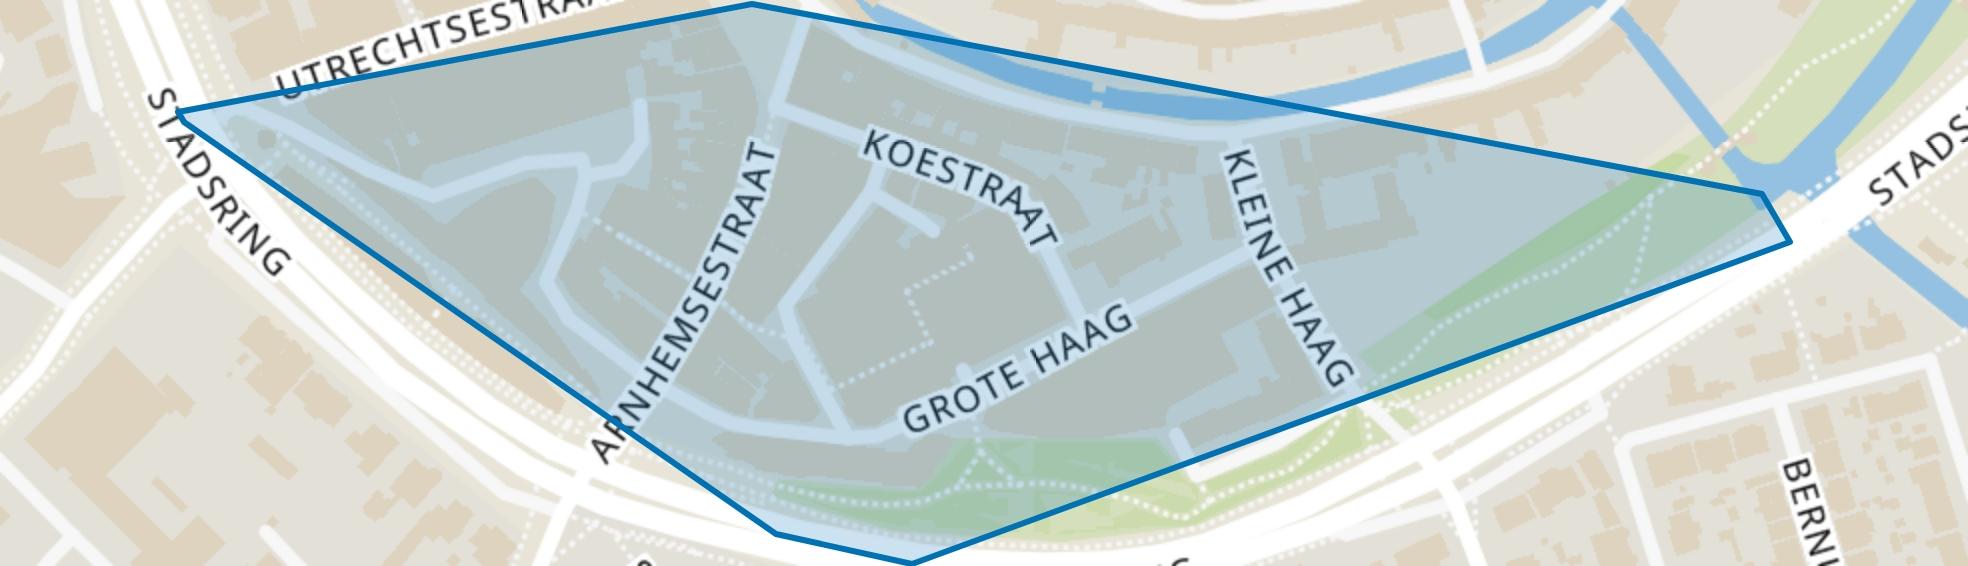 Grote Haag, Amersfoort map